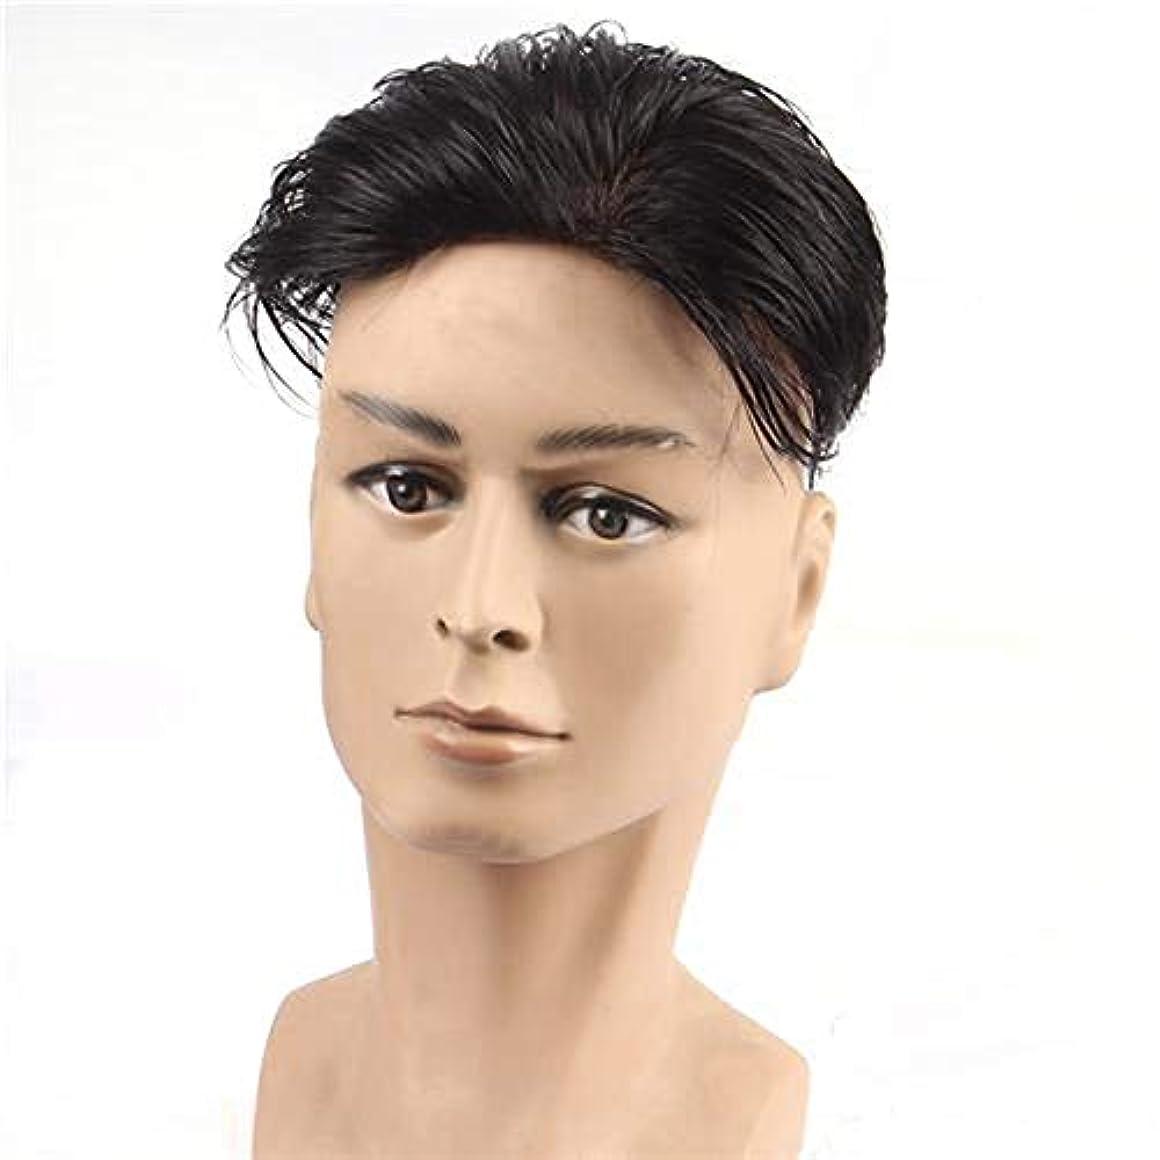 敬な盲目懺悔YOUQIU 黒人男性ガイショートレイヤーカーリー波状のアニメのコスプレパーティーの髪カツラウィッグ (色 : Natural black, サイズ : 18x20)